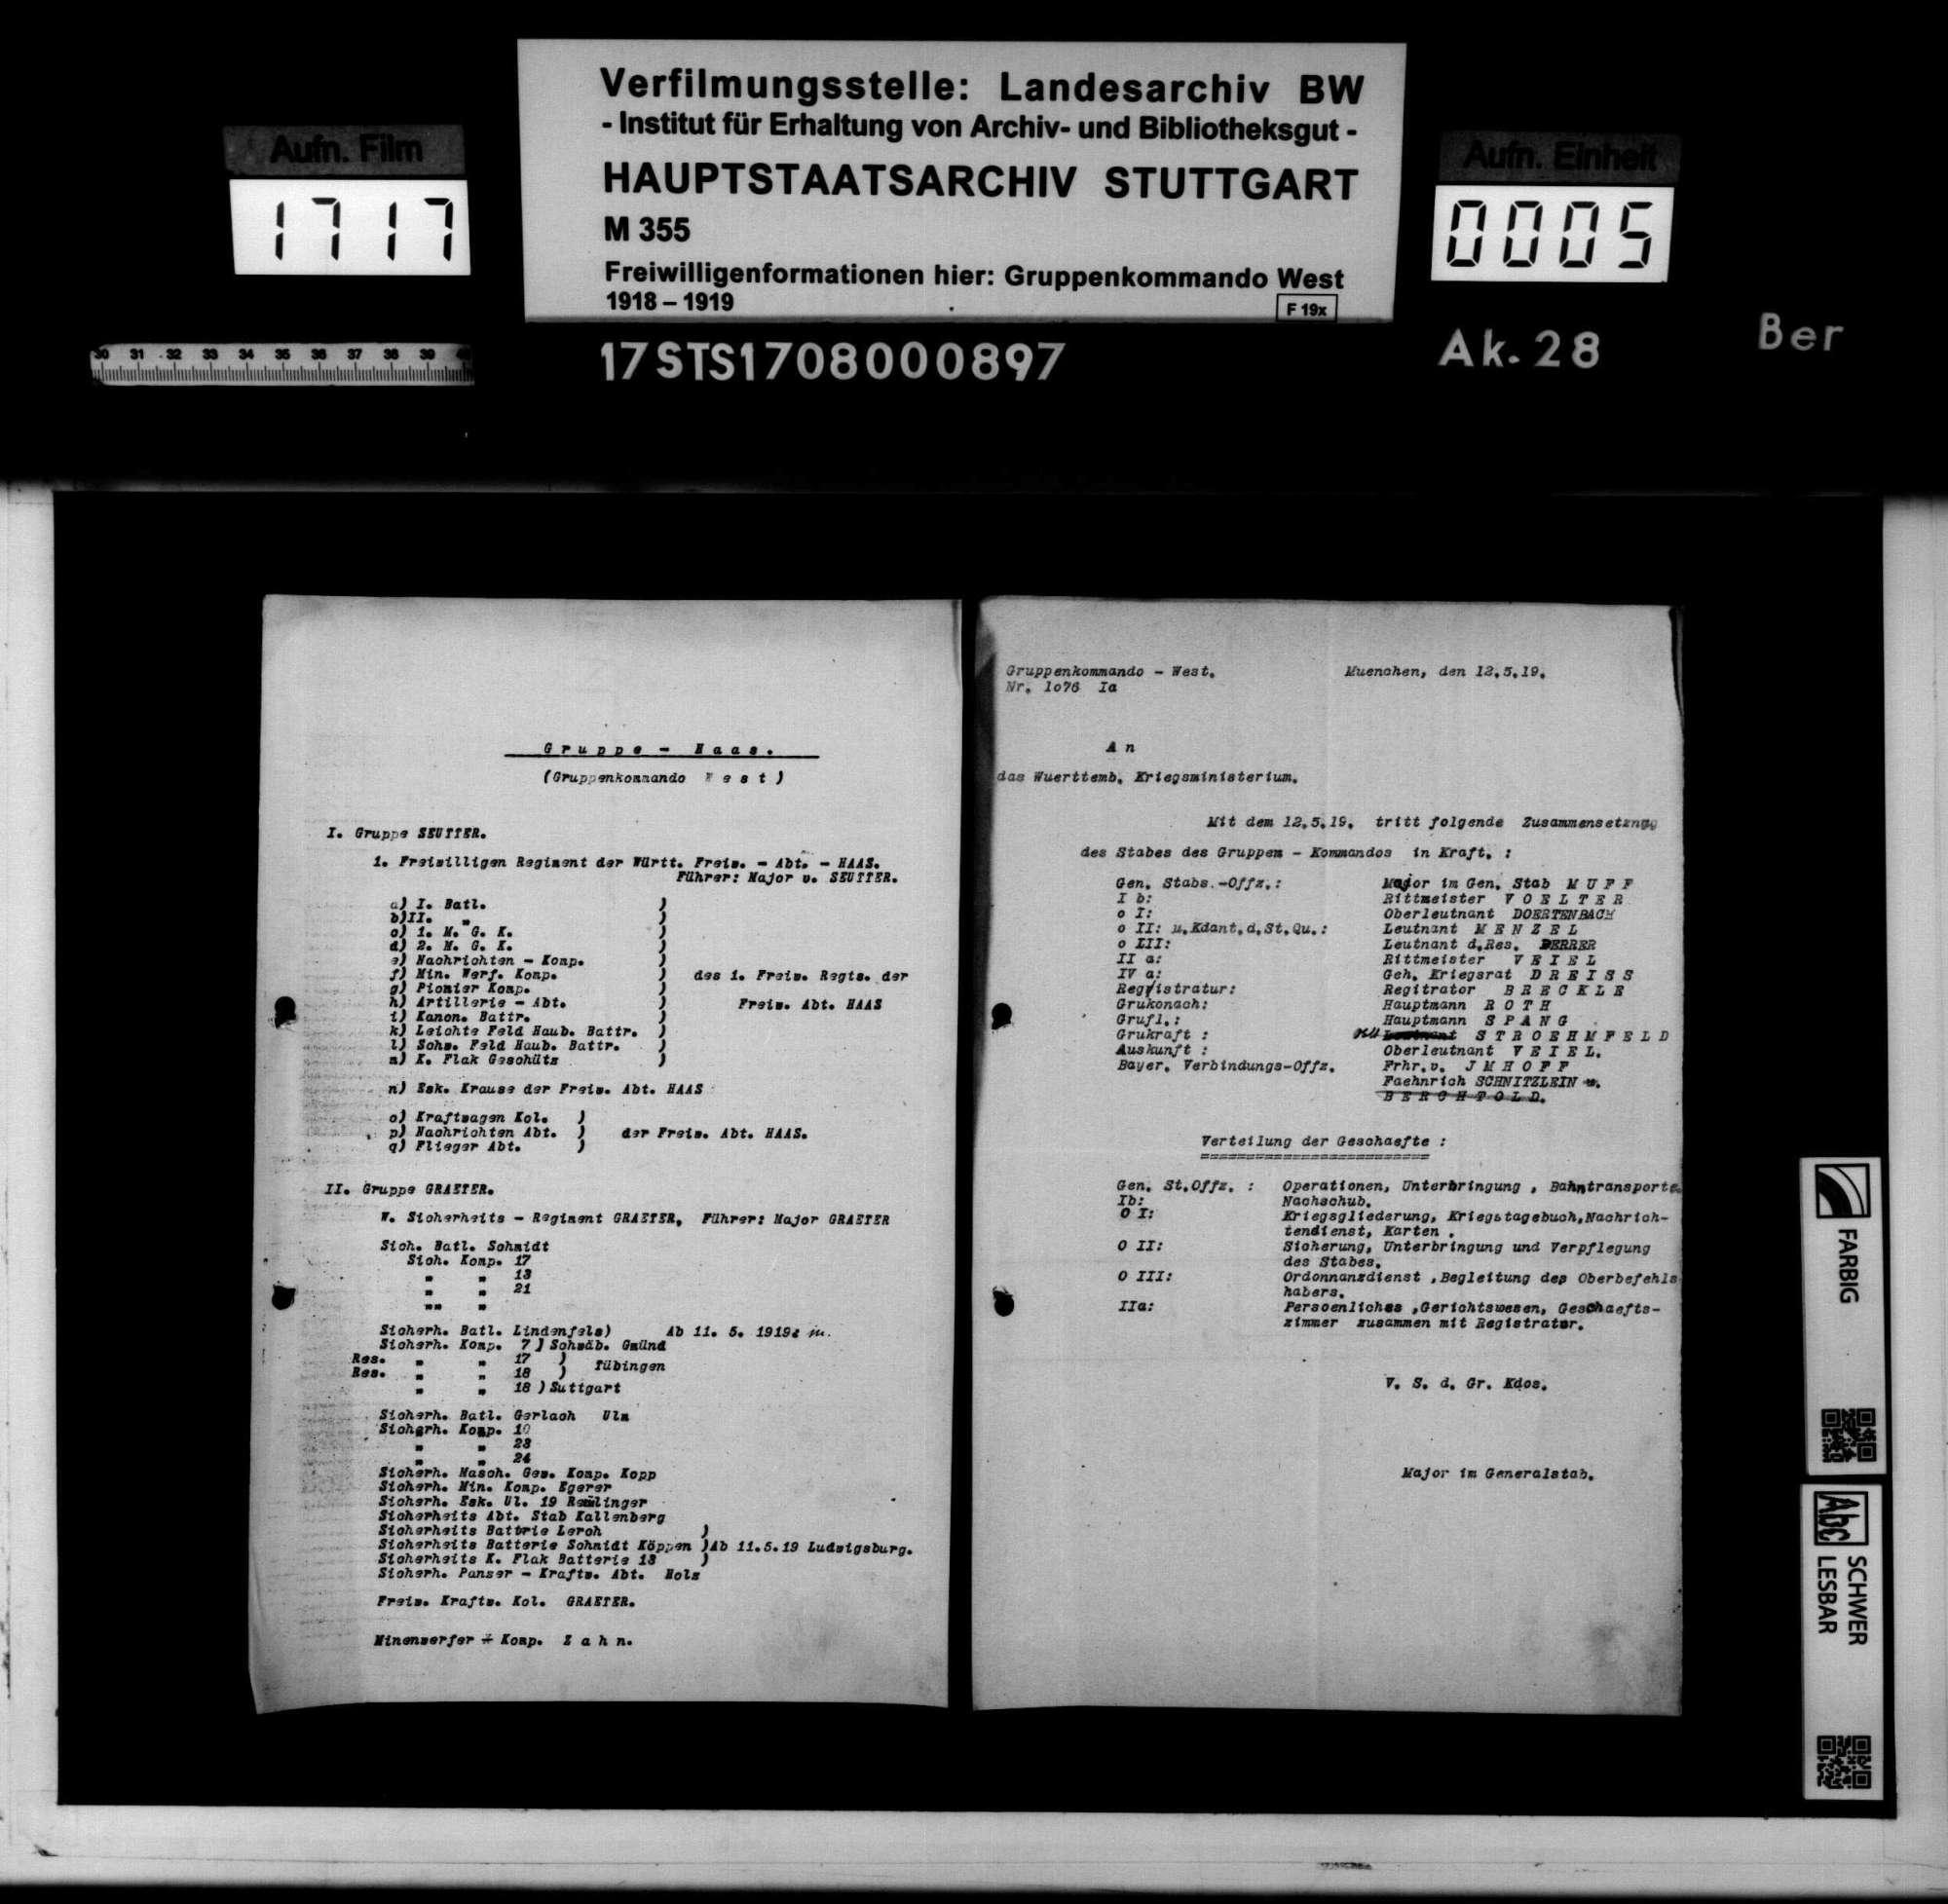 Kommandostruktur, Truppenstärken und Ausrüstung, Bild 3